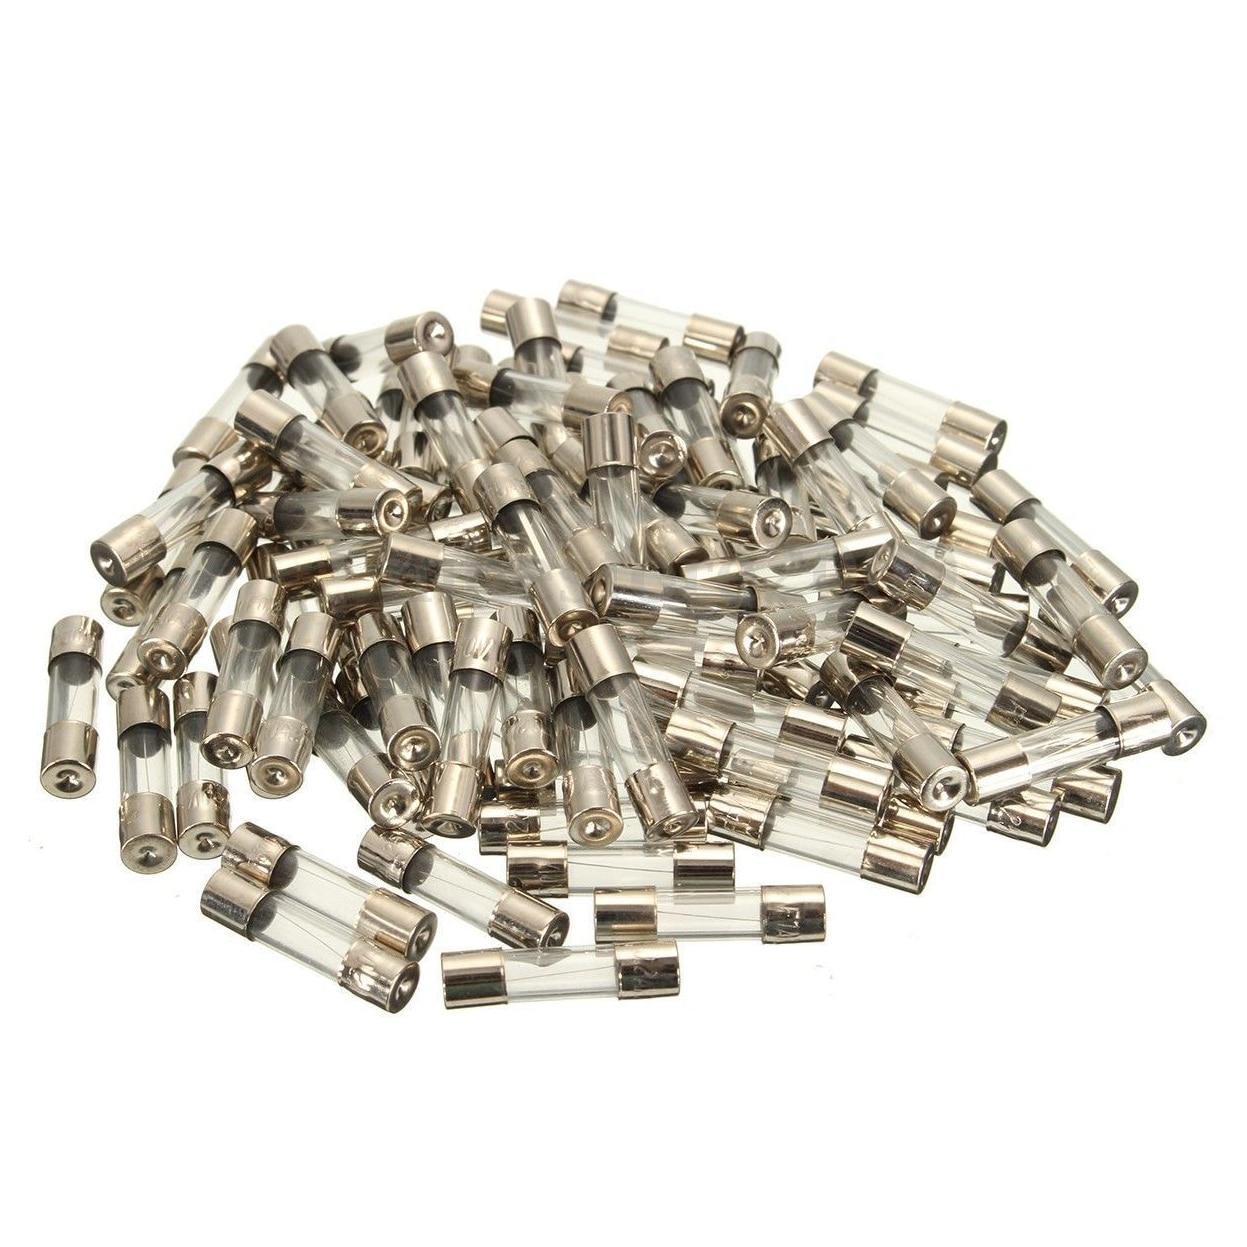 Promotion! 100 pièces ensemble 5x20mm rapide coup verre Tube fusible Kits assortis, rapide-coup verre fusibles